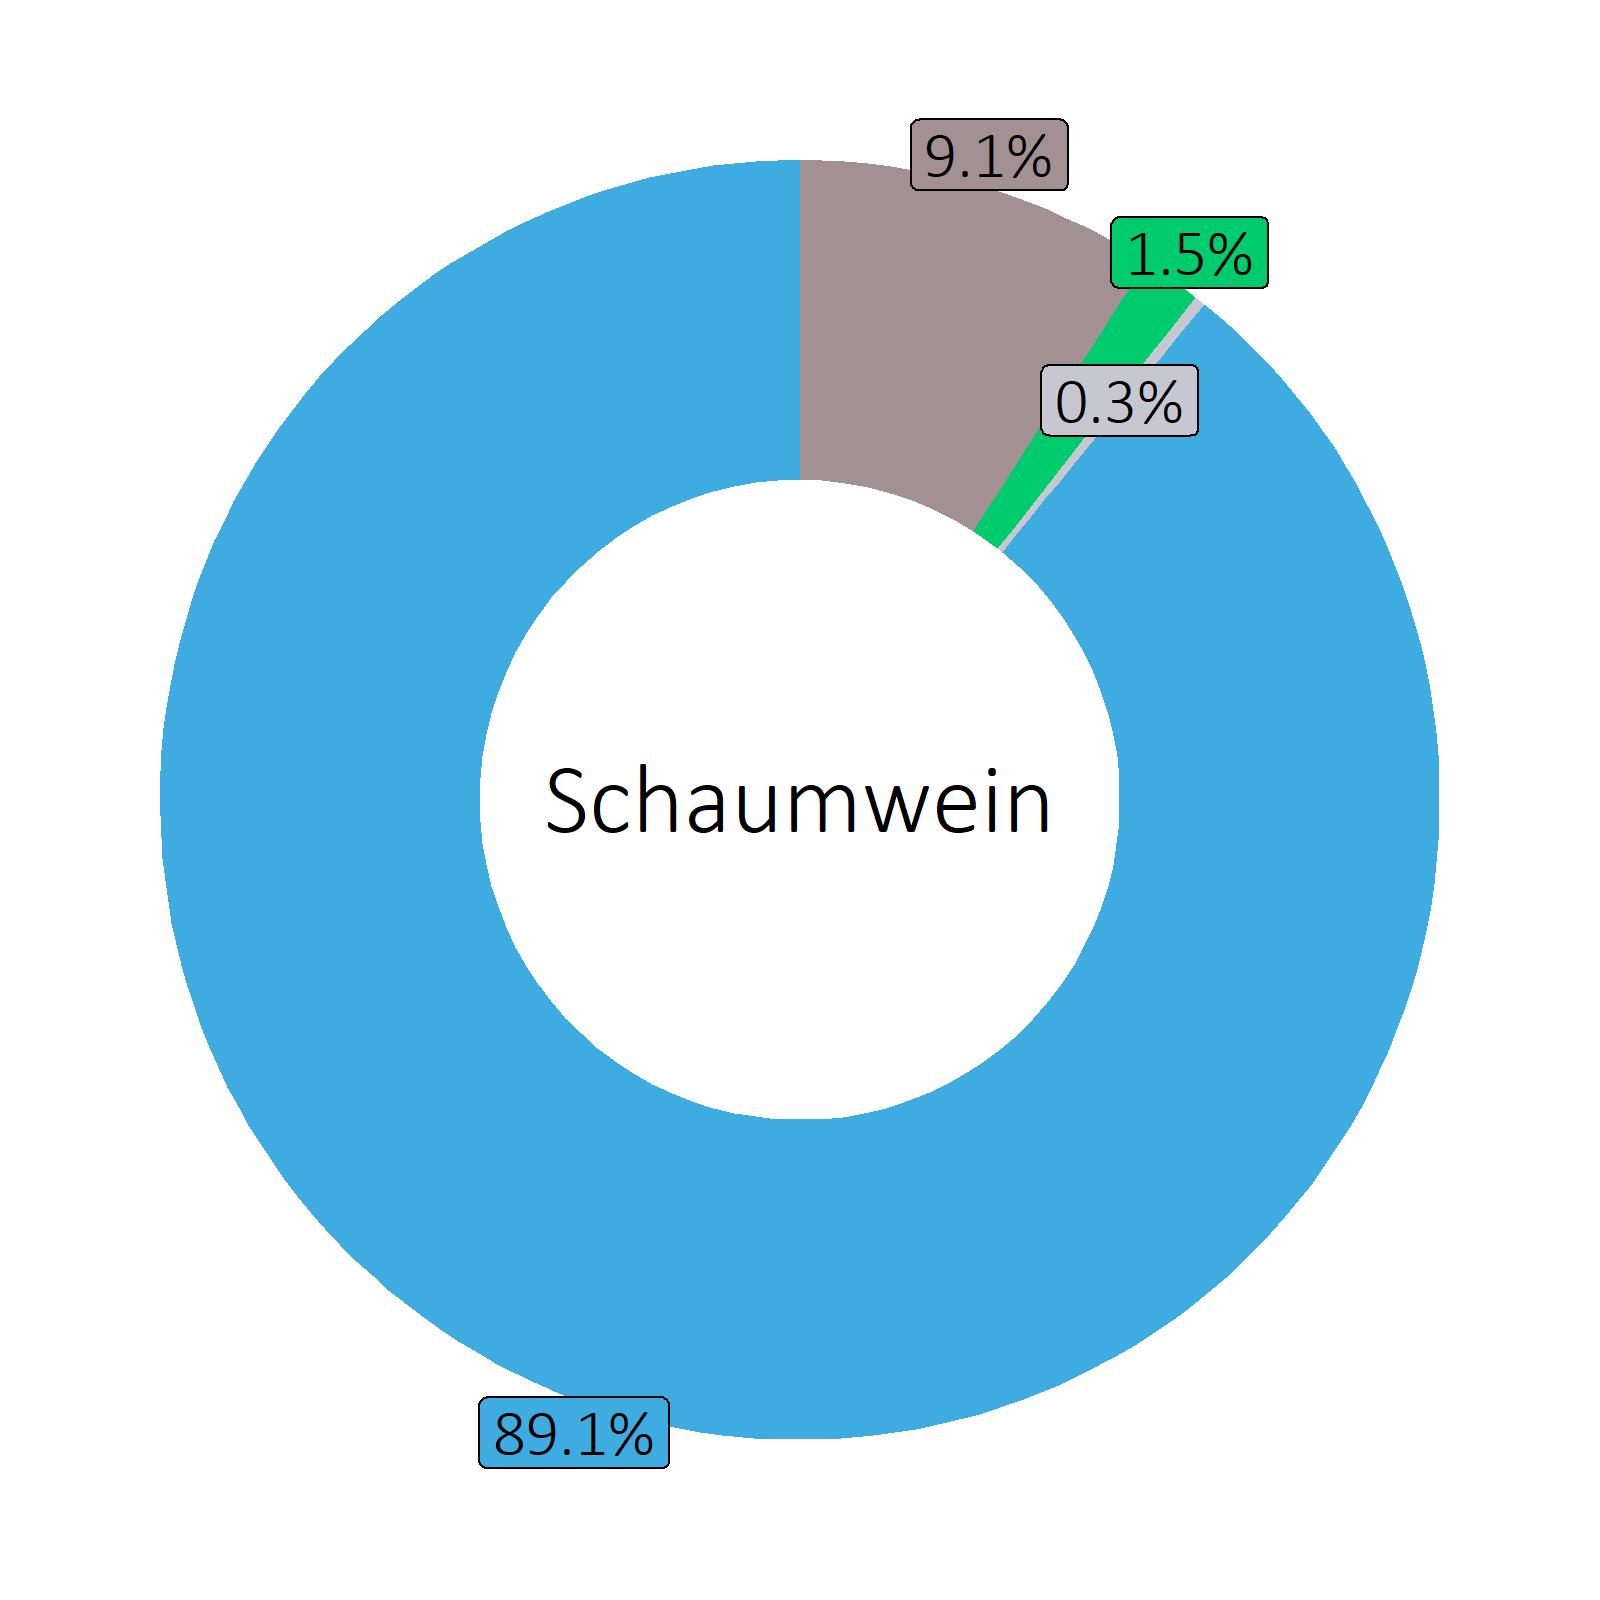 Bestandteile Schaumwein